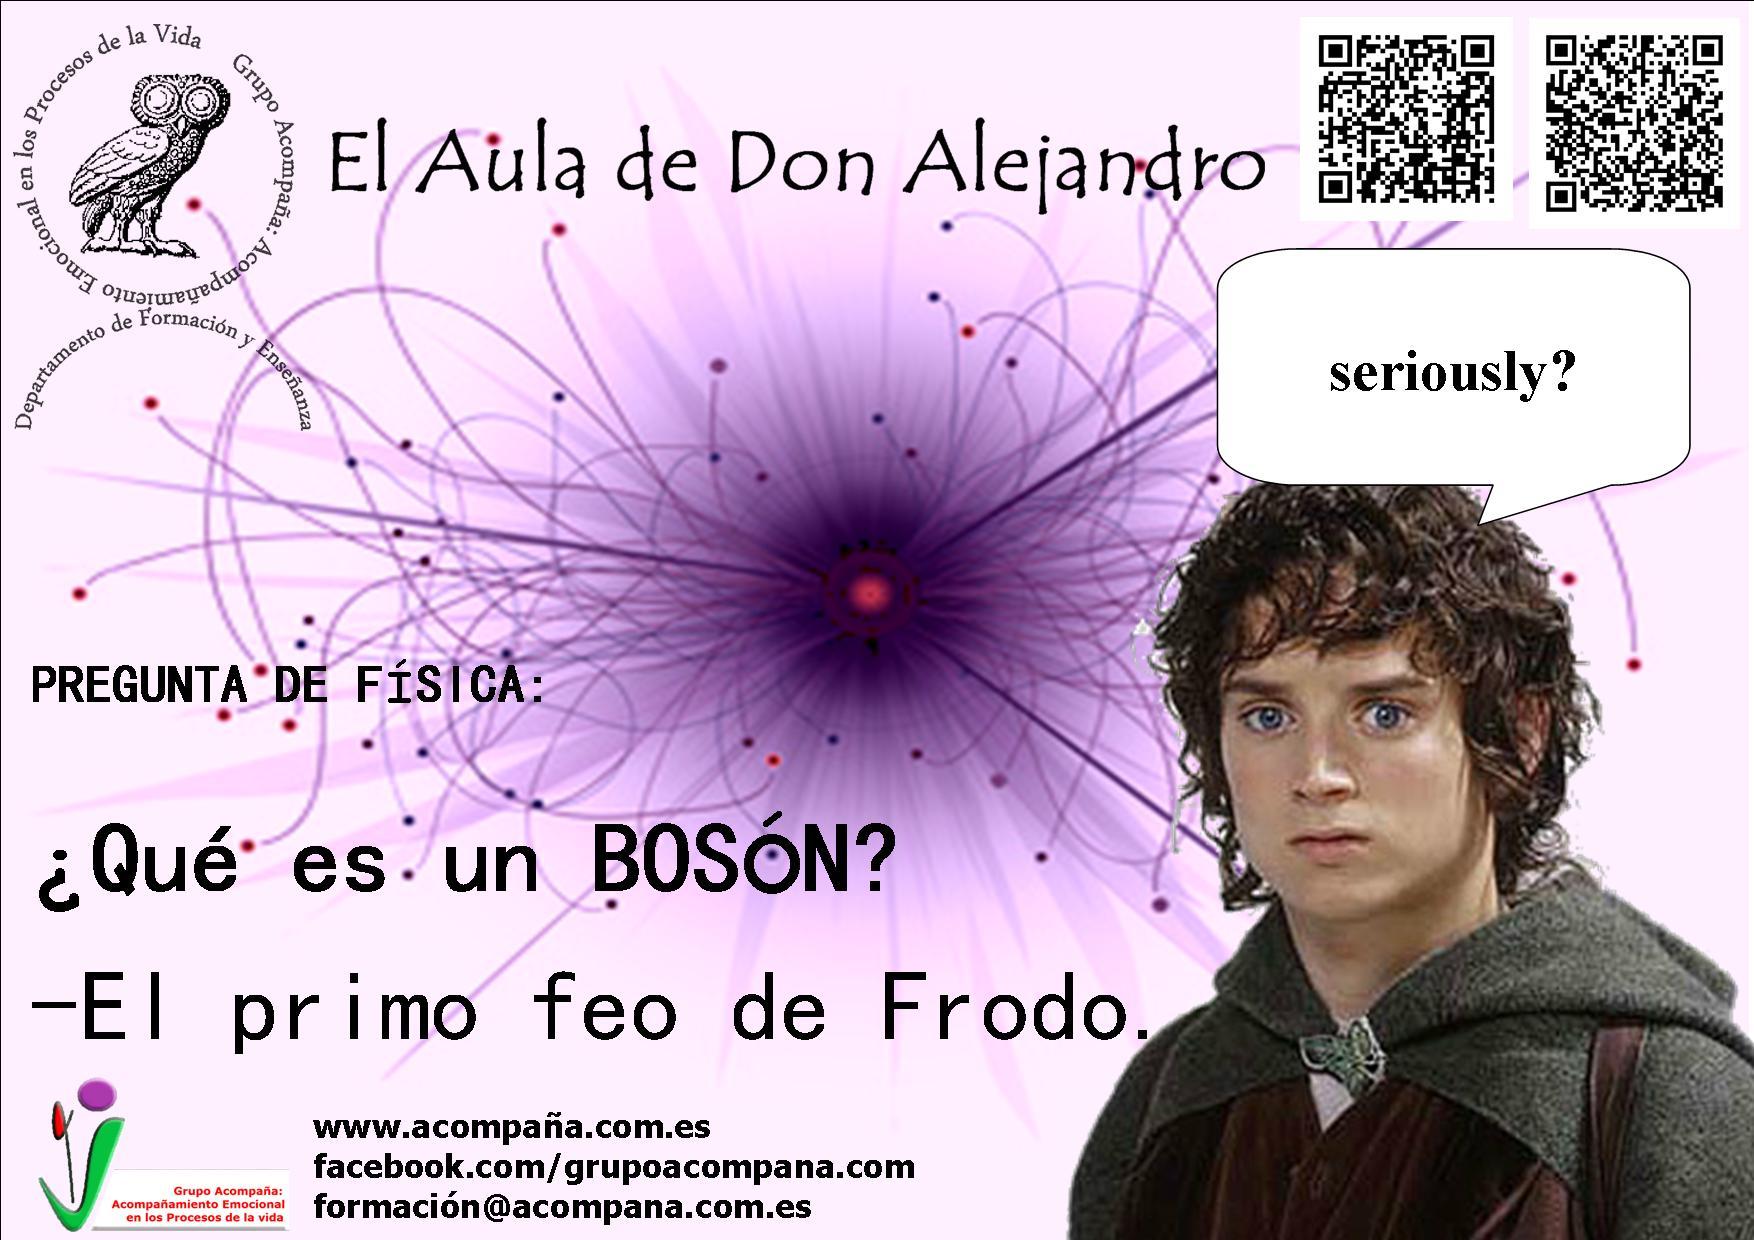 frodoboson